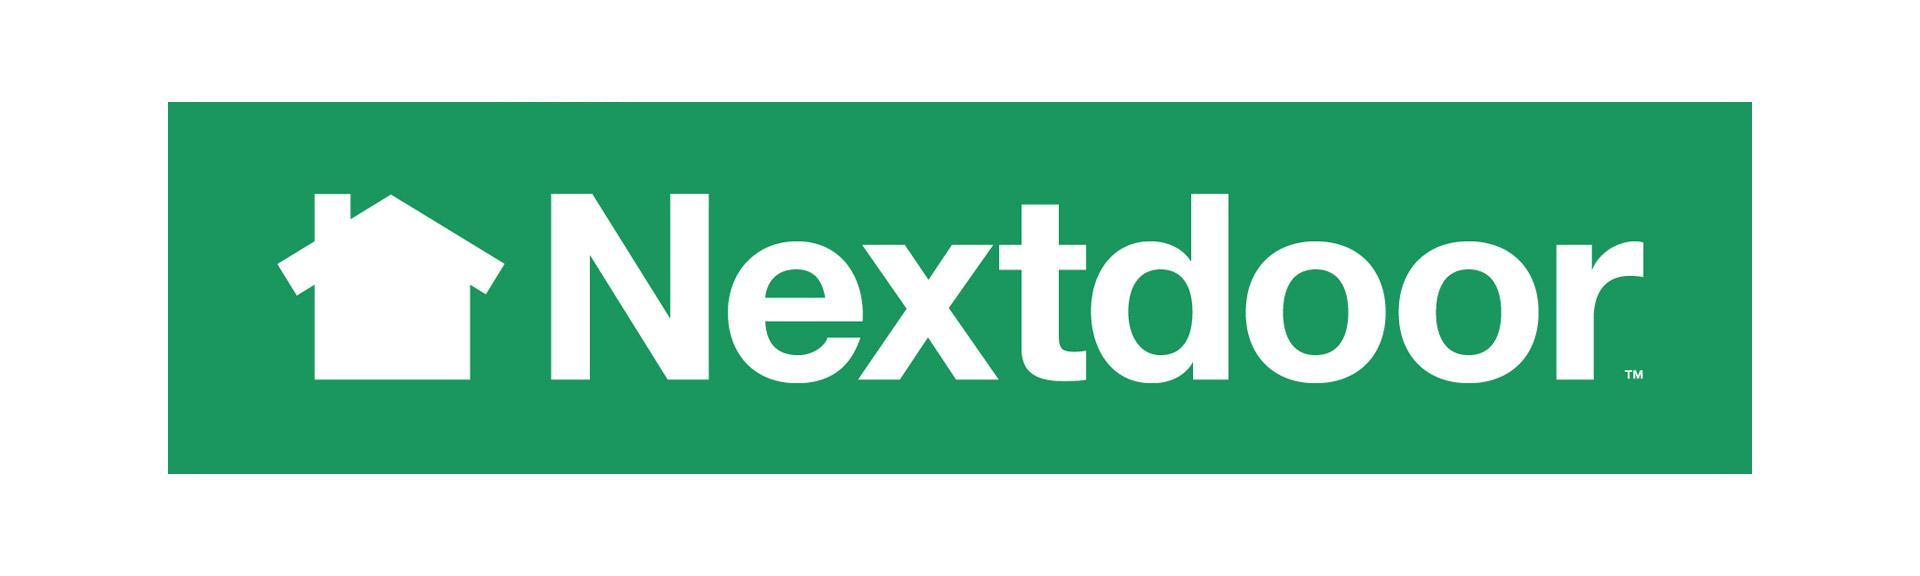 Parkmanager Frank Swaghoven informeert: Nextdoor